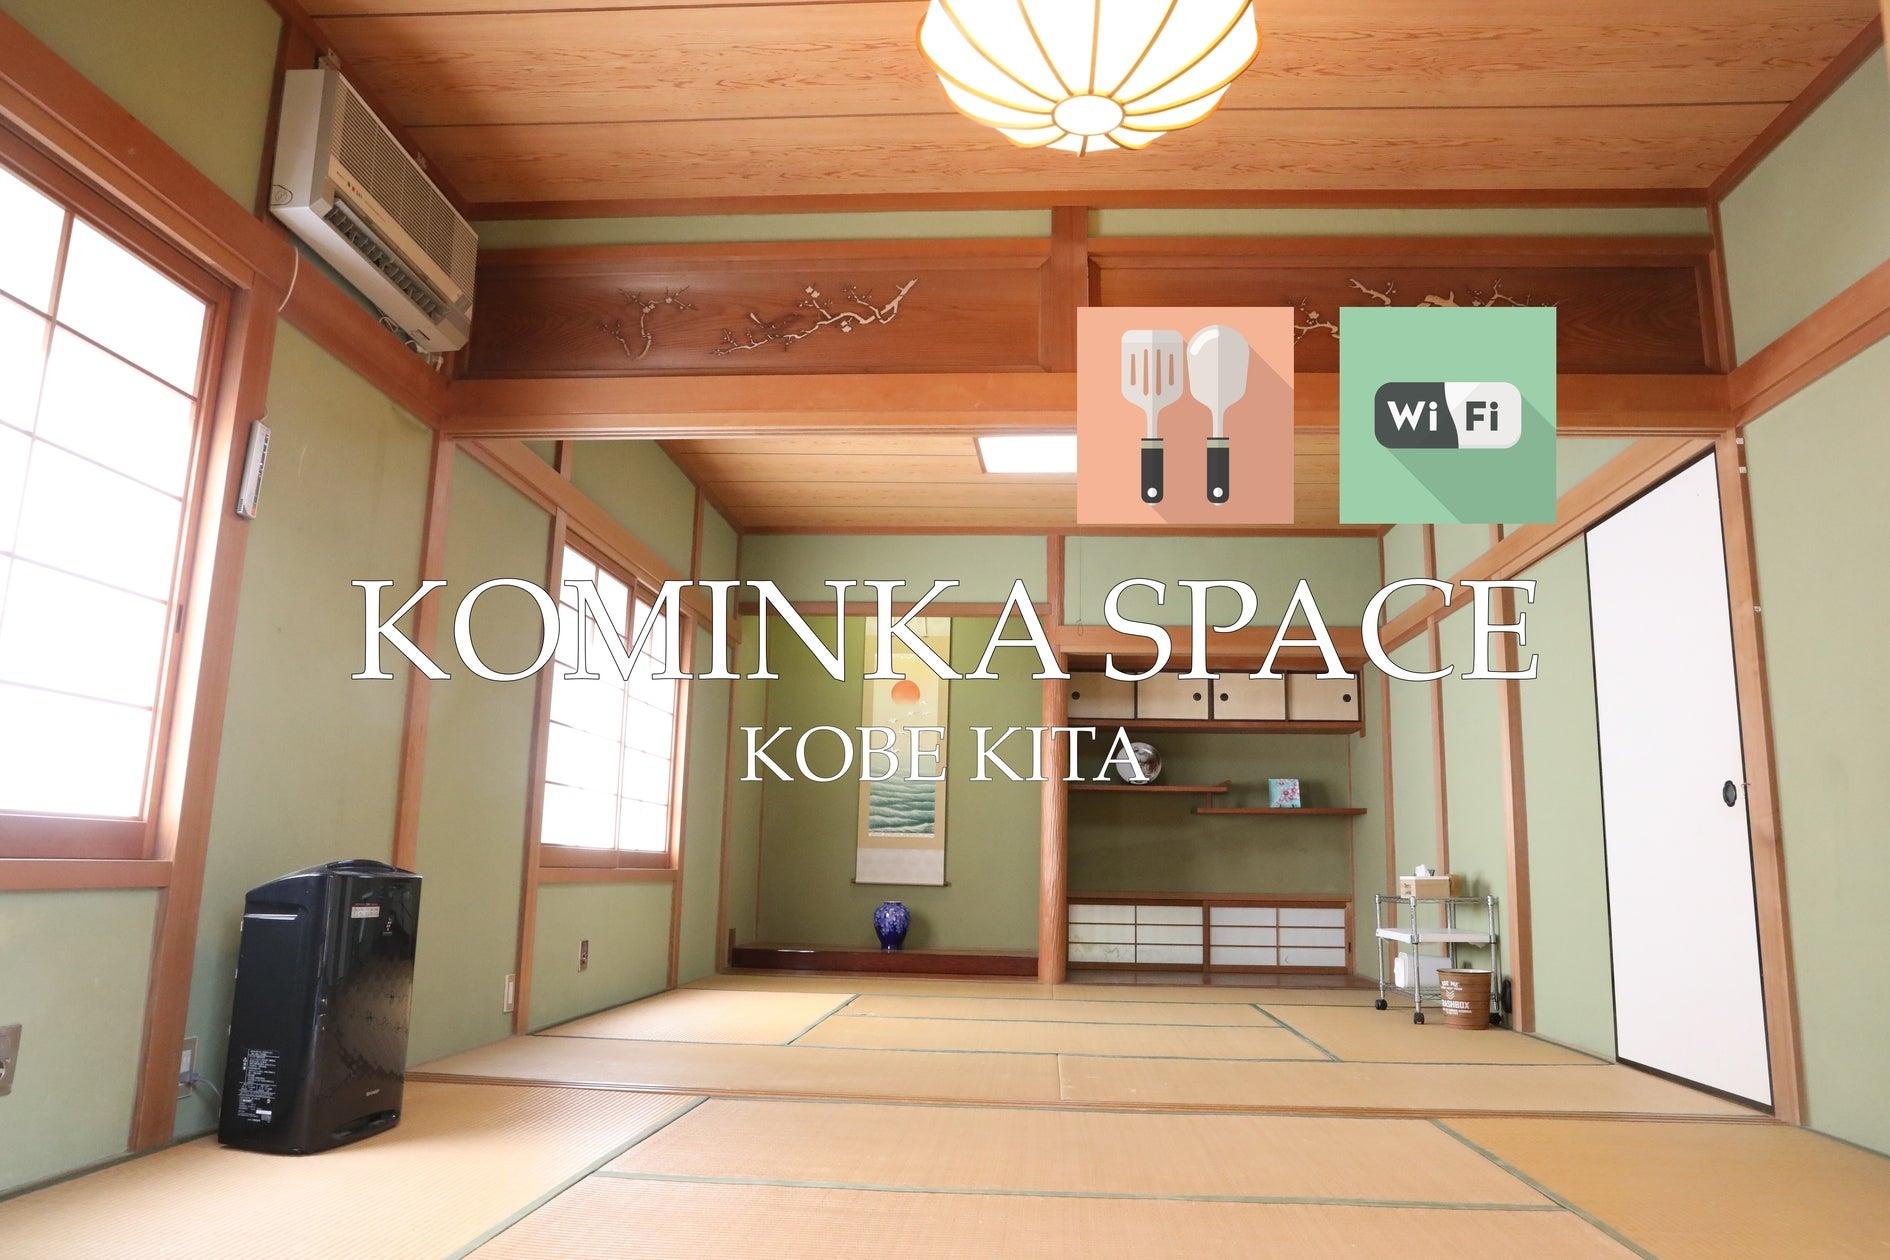 【神戸市北区】古民家スペース🏠☀️キッチン利用可能👍Wi-Fi完備❗️BBQ/パーティー/写真撮影/三宮から車で20分✨ の写真